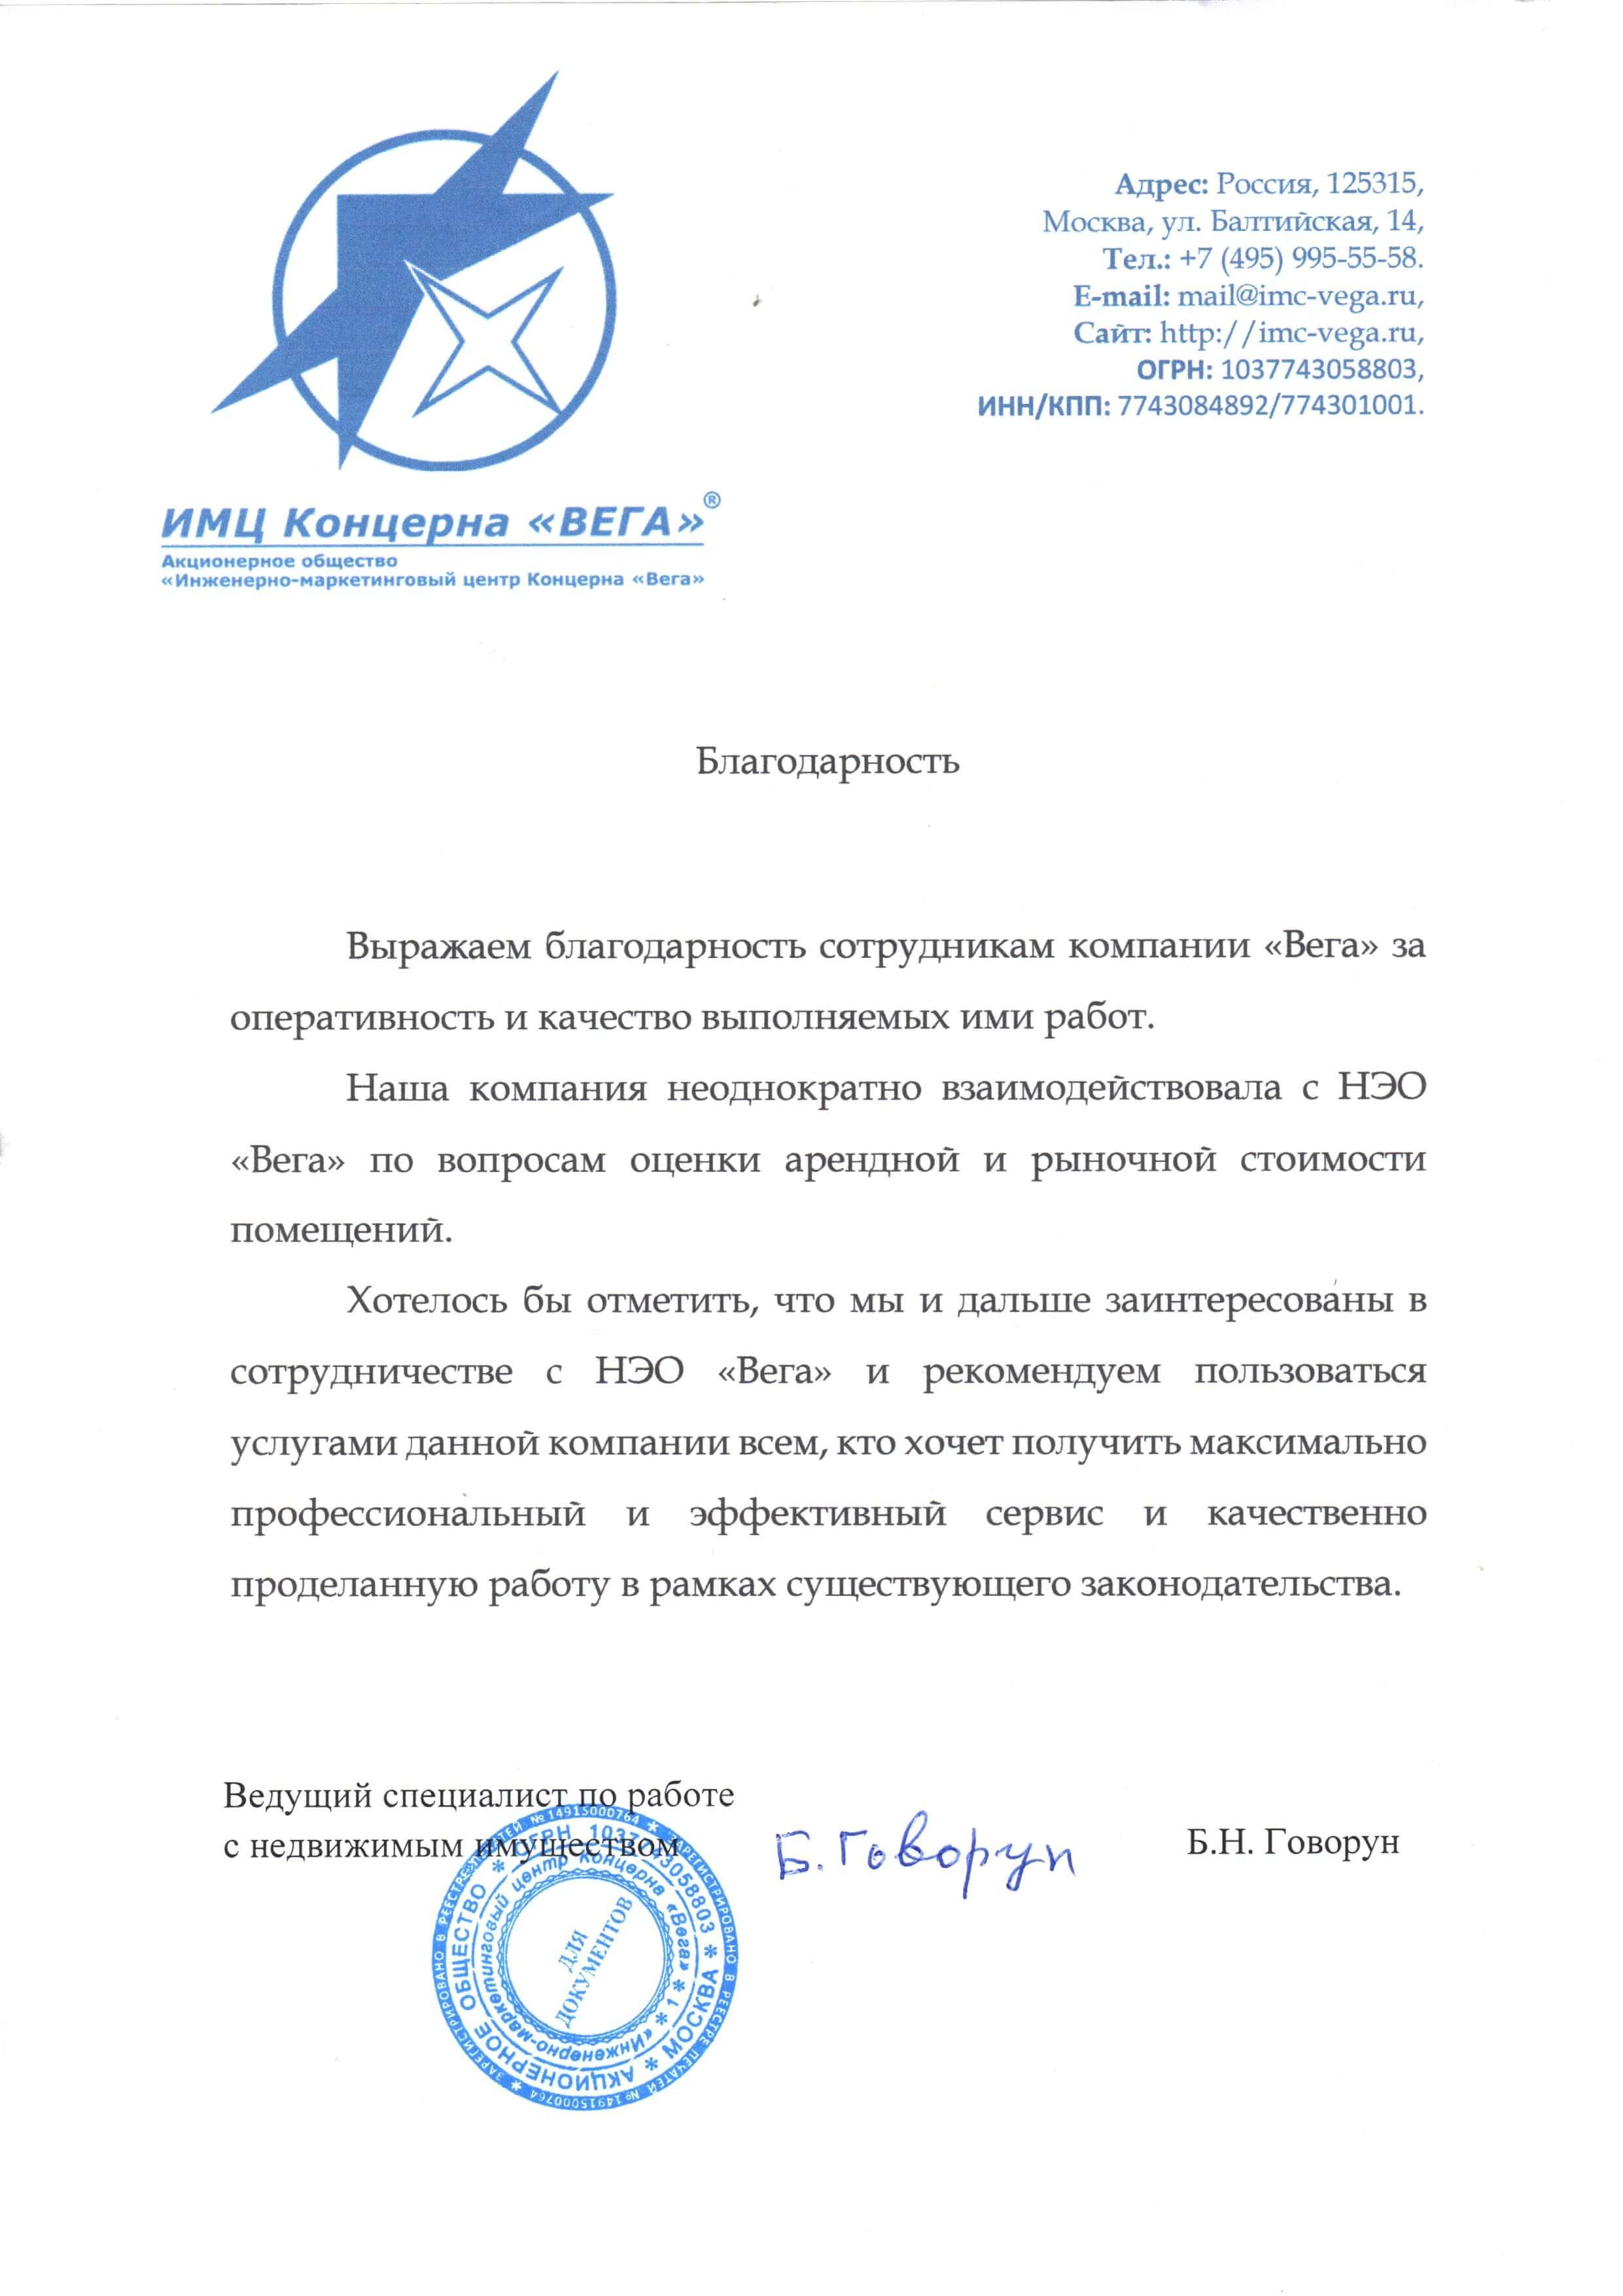 ИМЦ Концерна